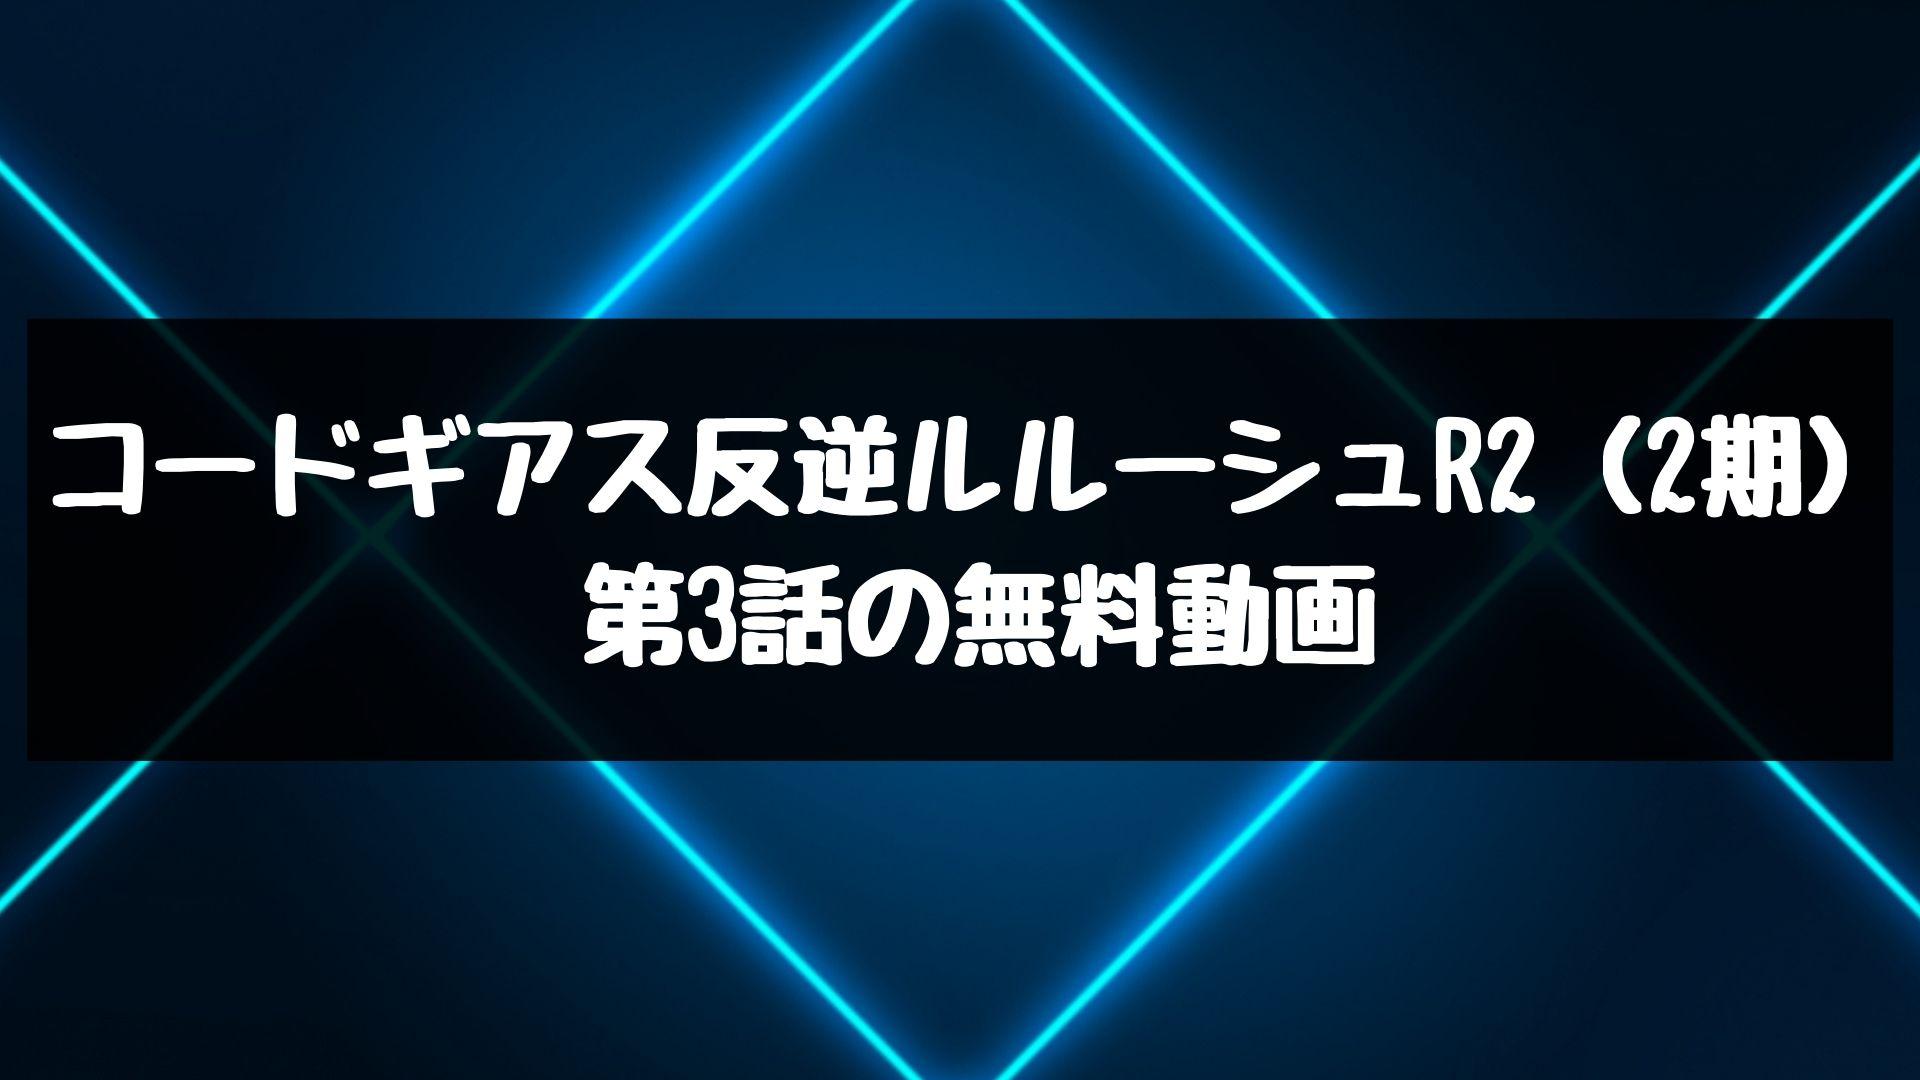 コードギアス反逆ルルーシュR2(2期) 第3話の無料動画